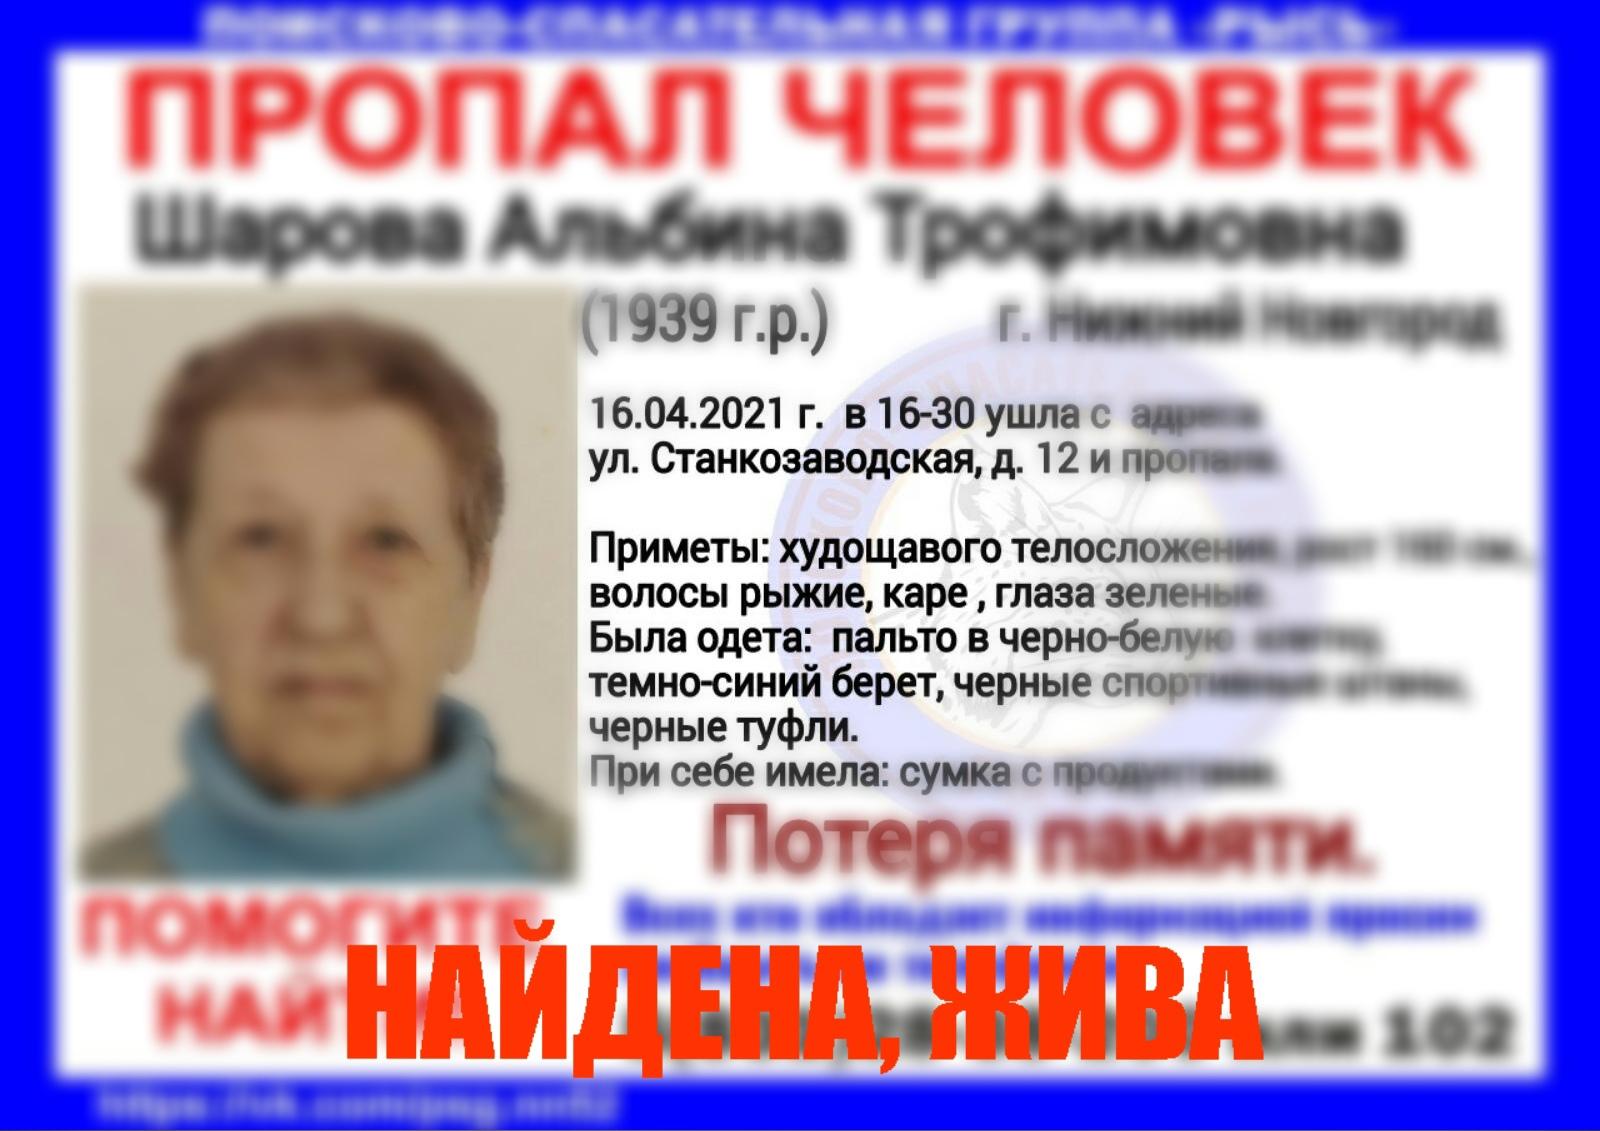 Шарова Альбина Трофимовна